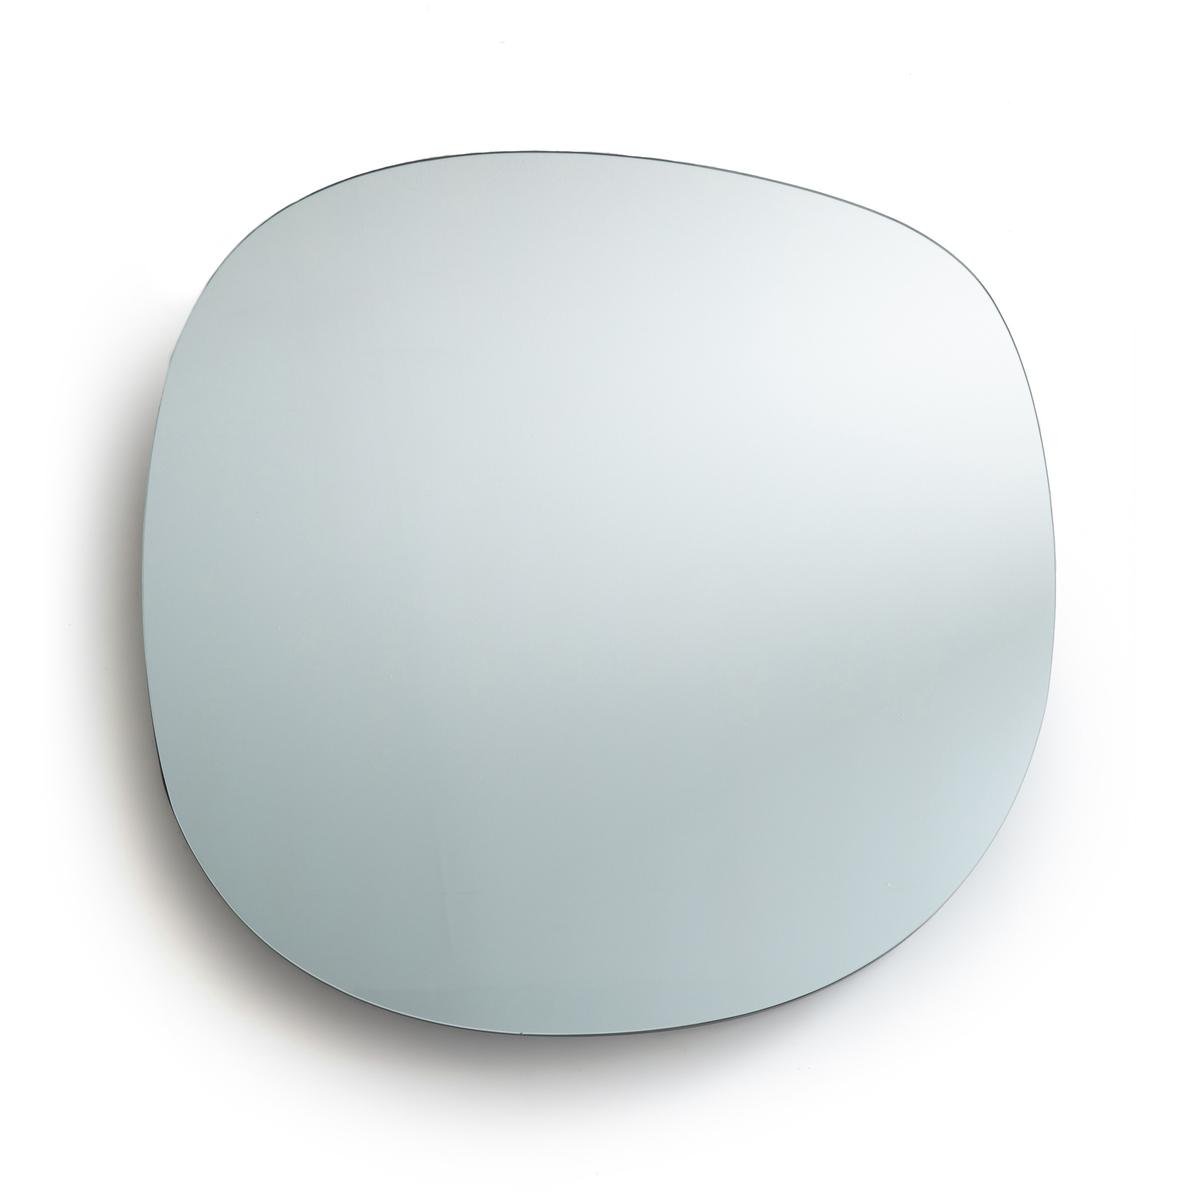 Зеркало La Redoute Размер L Biface единый размер другие зеркало la redoute прямоугольное д x в см barbier единый размер другие